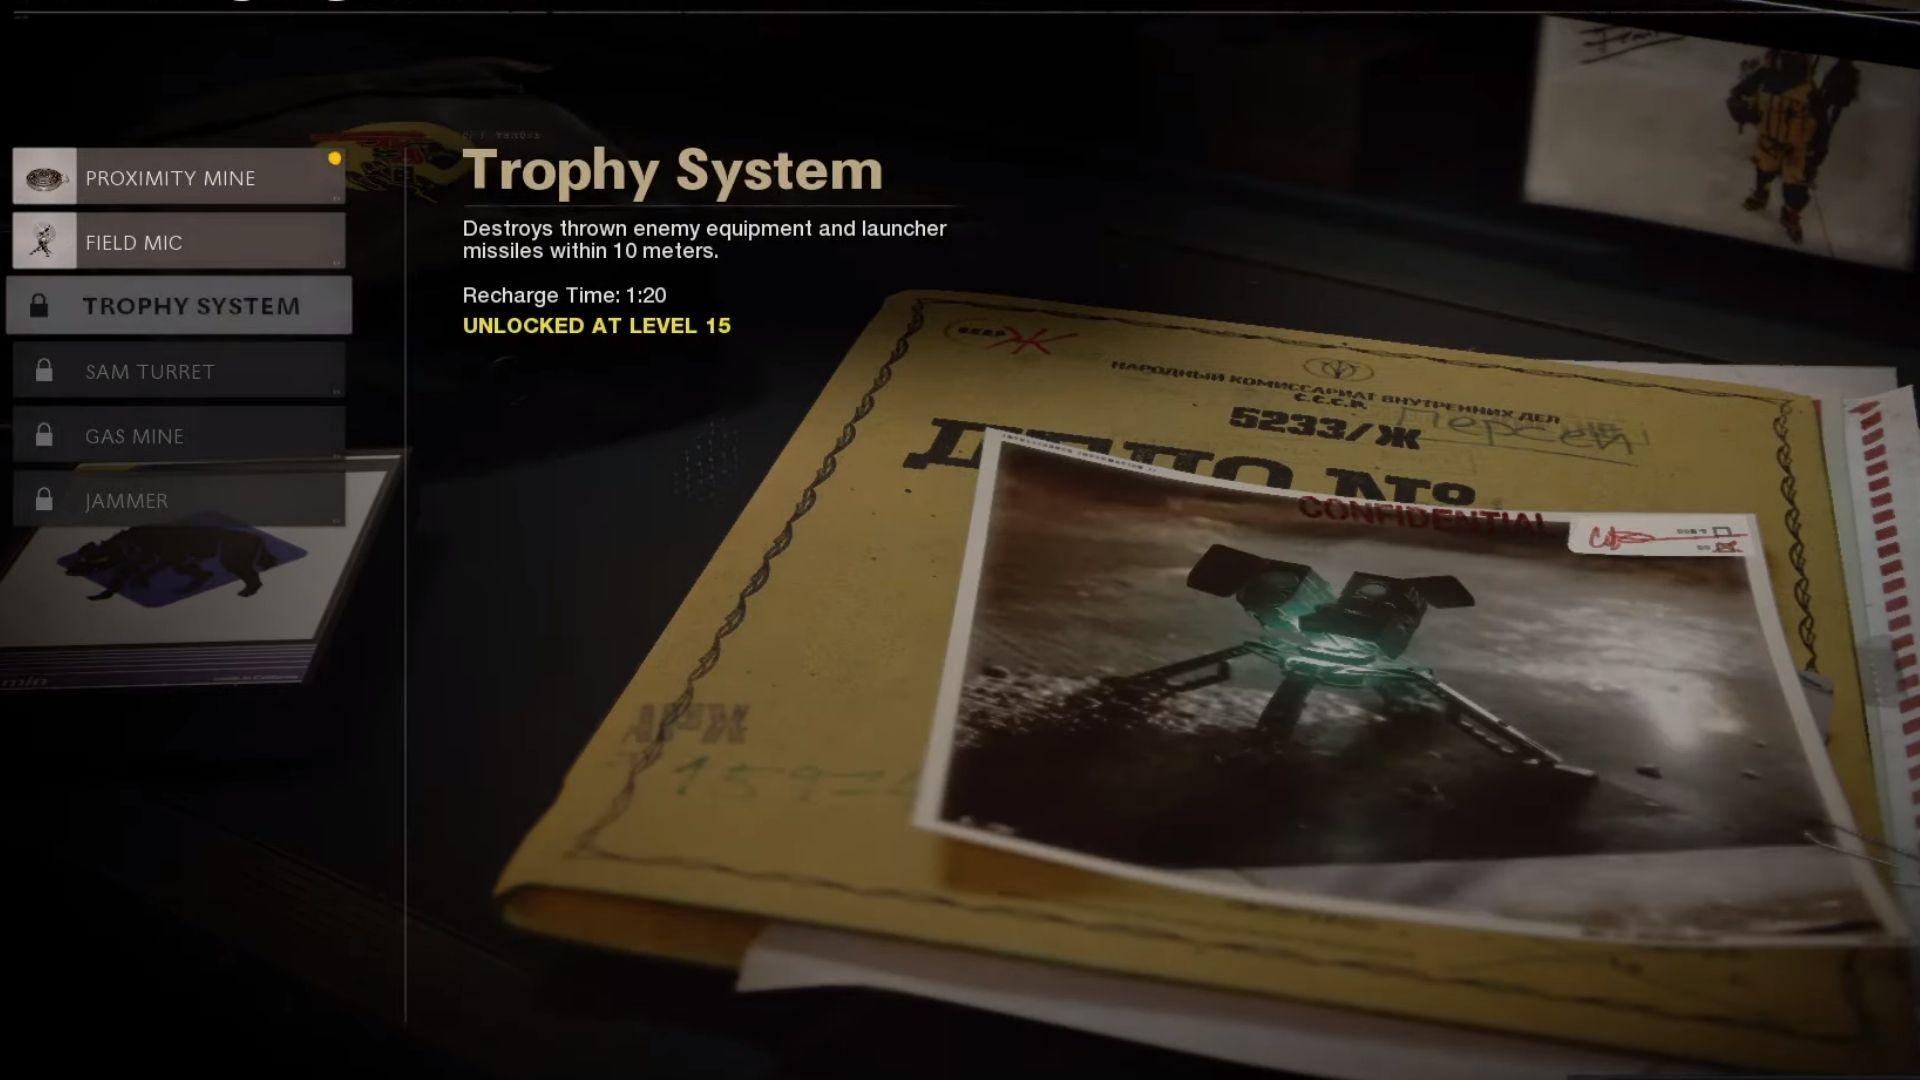 trophy system in black ops cold war